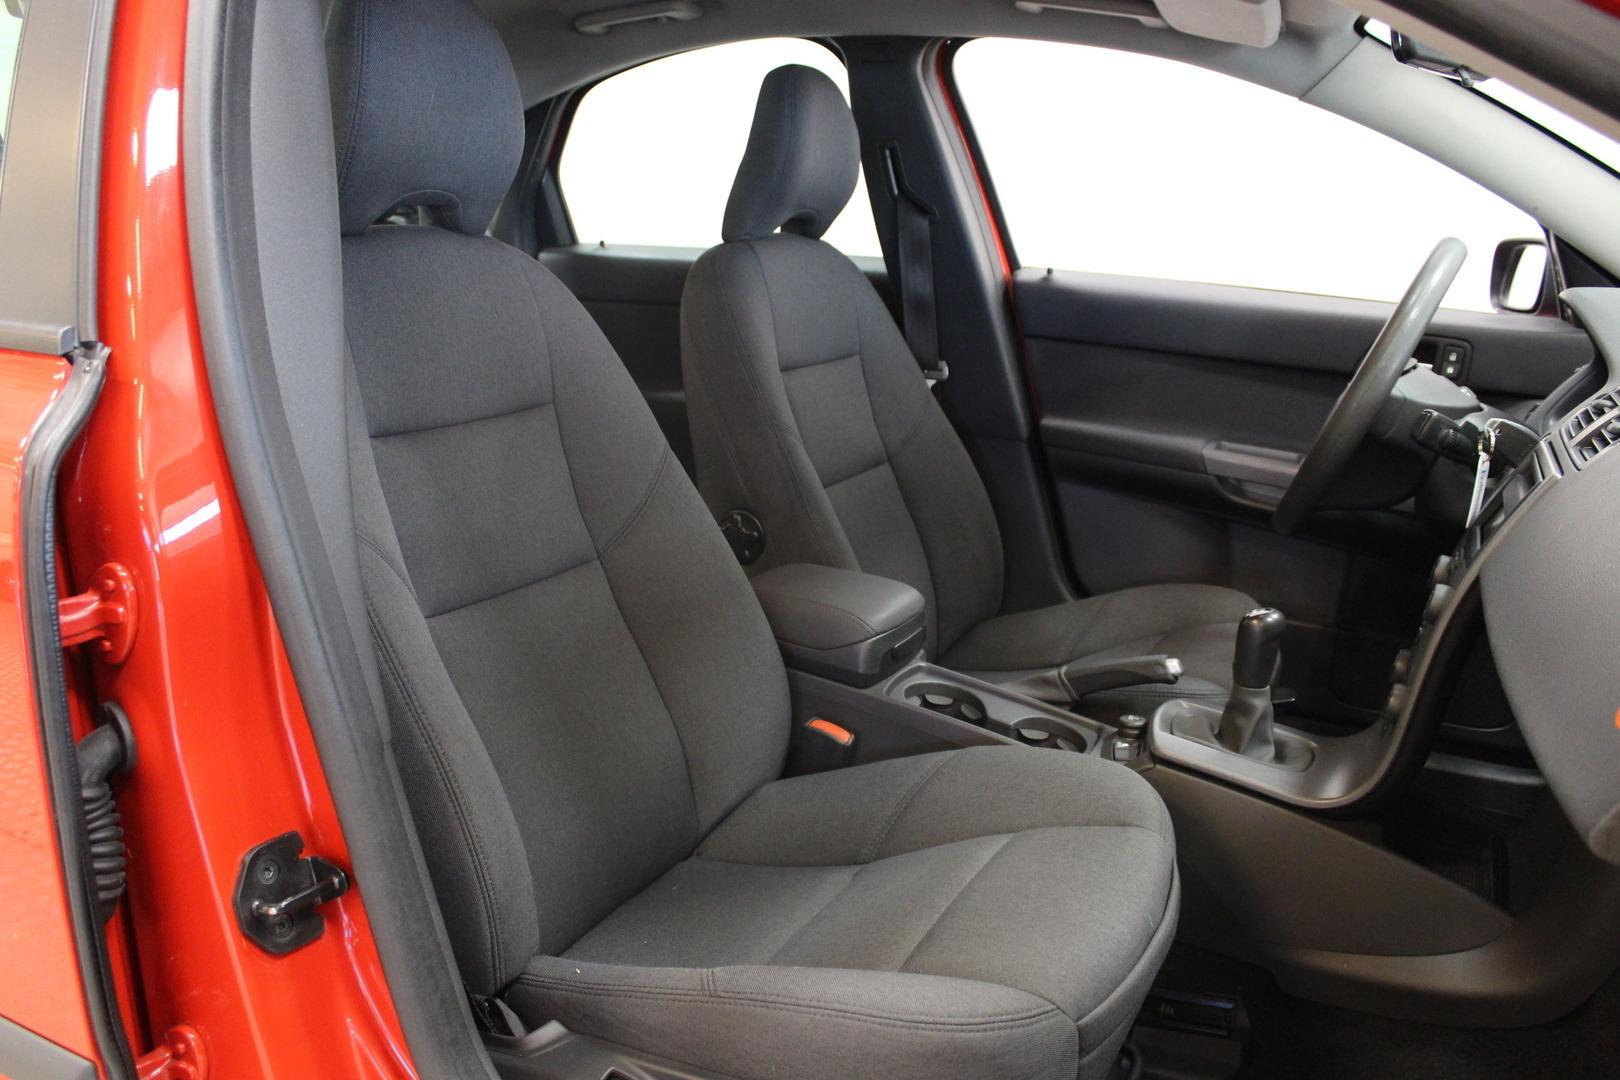 Volvo S40, 1.6D **Juuri tullut** #Vakionopeudensäädin #Siisti